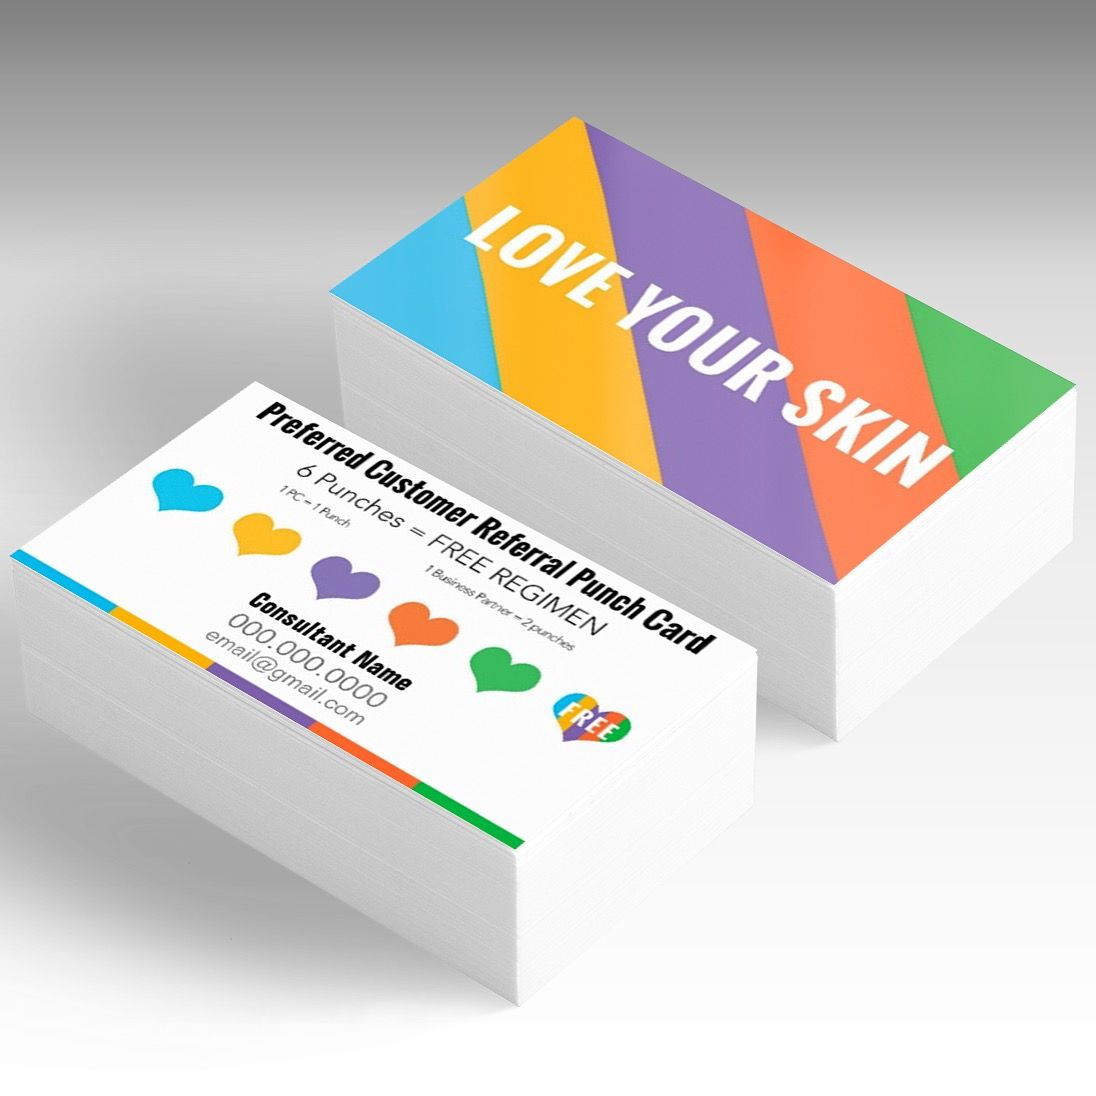 Rodan and fields preferred customer referral punch card designs rodan and fields preferred customer referral punch card business card templatesbusiness colourmoves